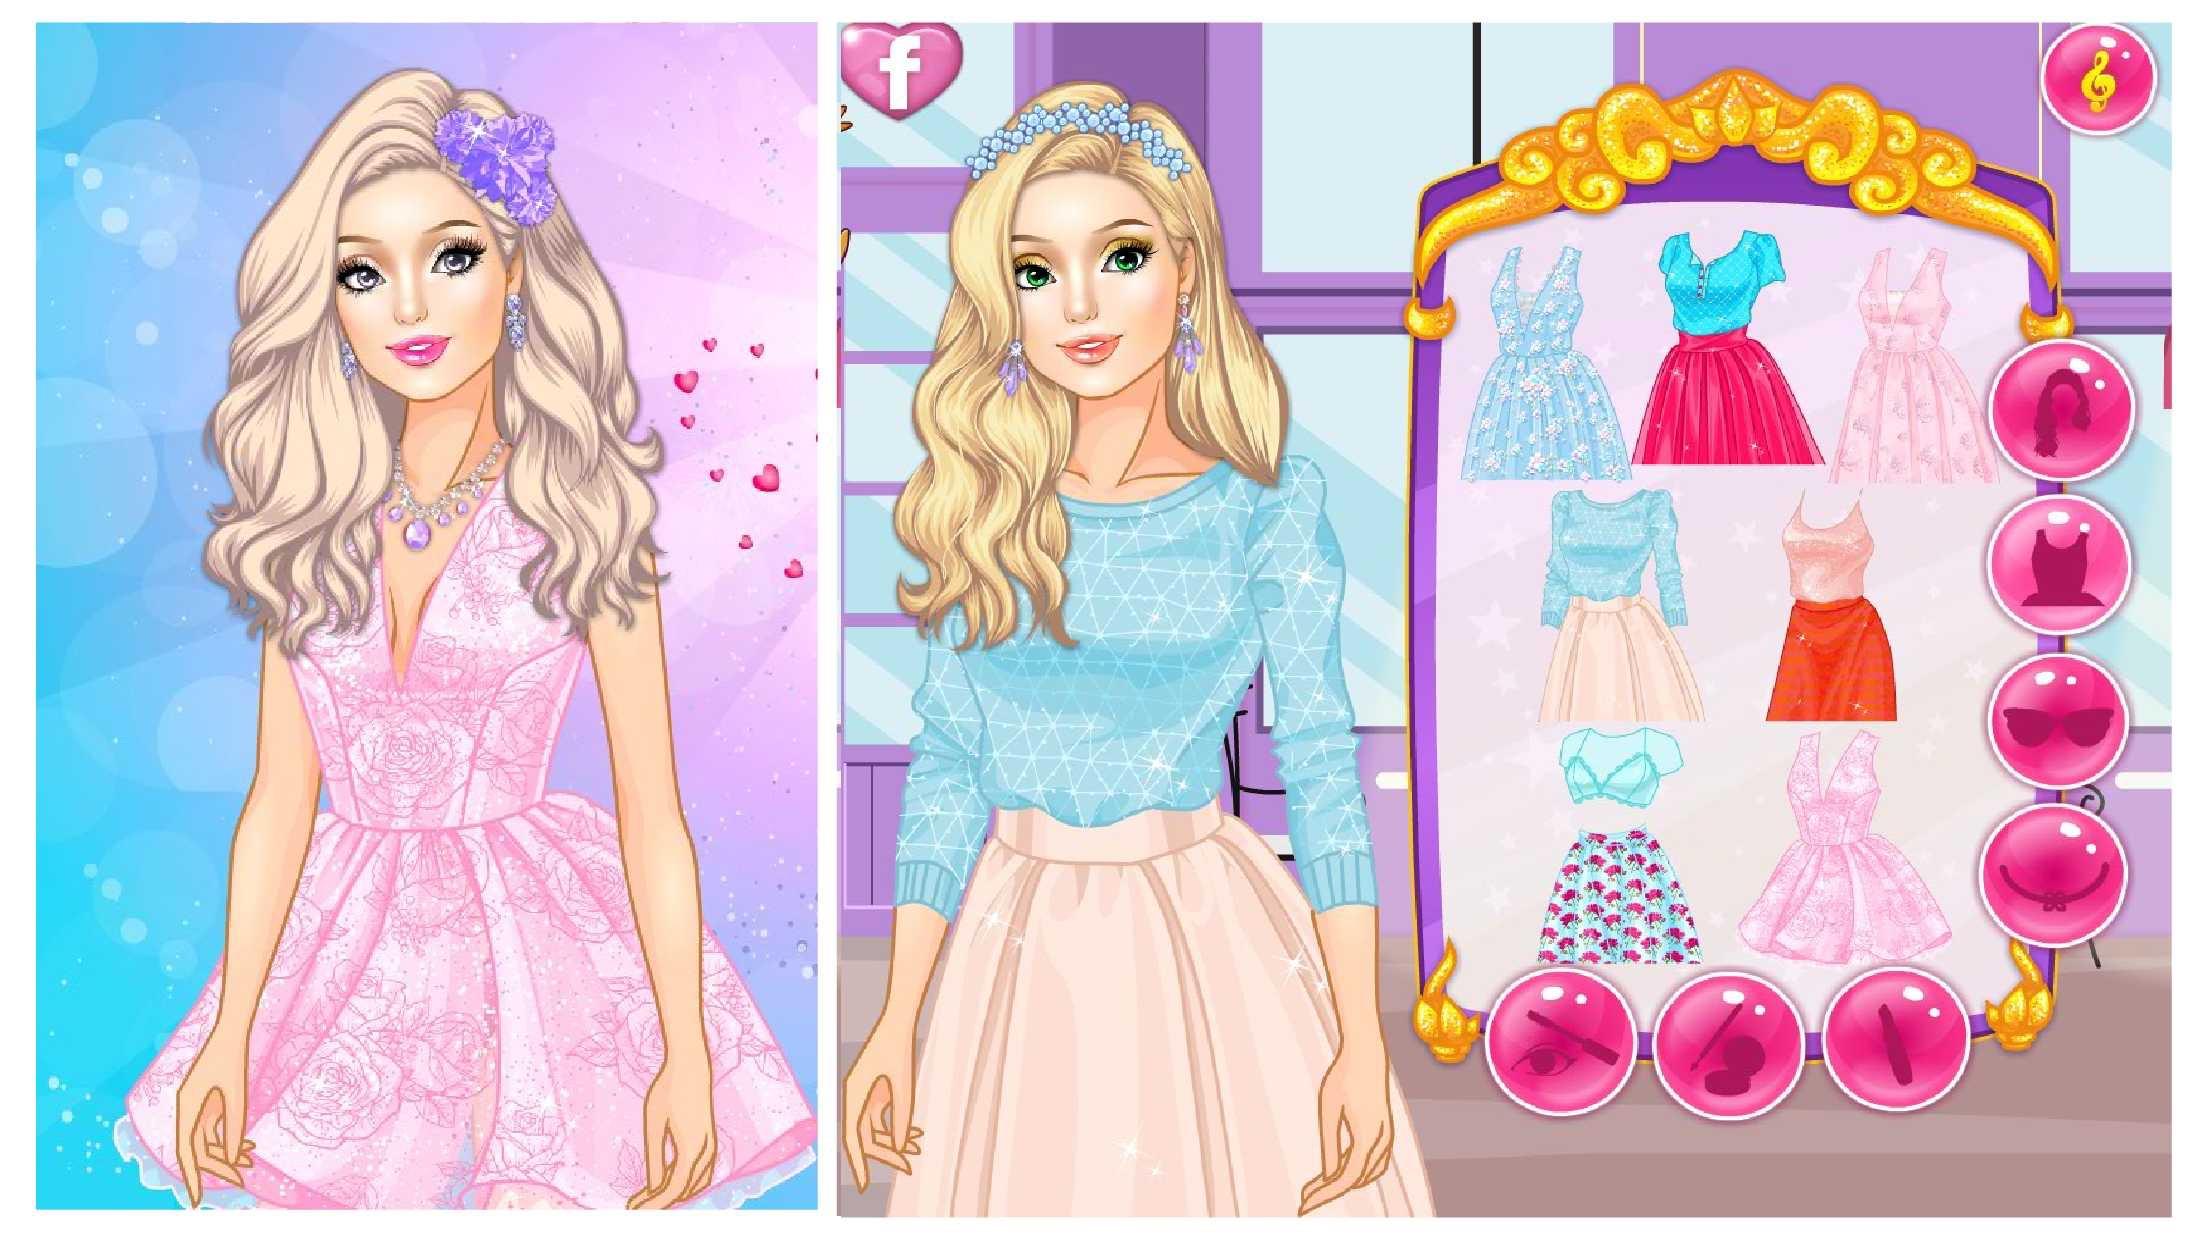 应用截图 应用描述 可爱的芭比公主,给她穿上漂亮的衣服吧.